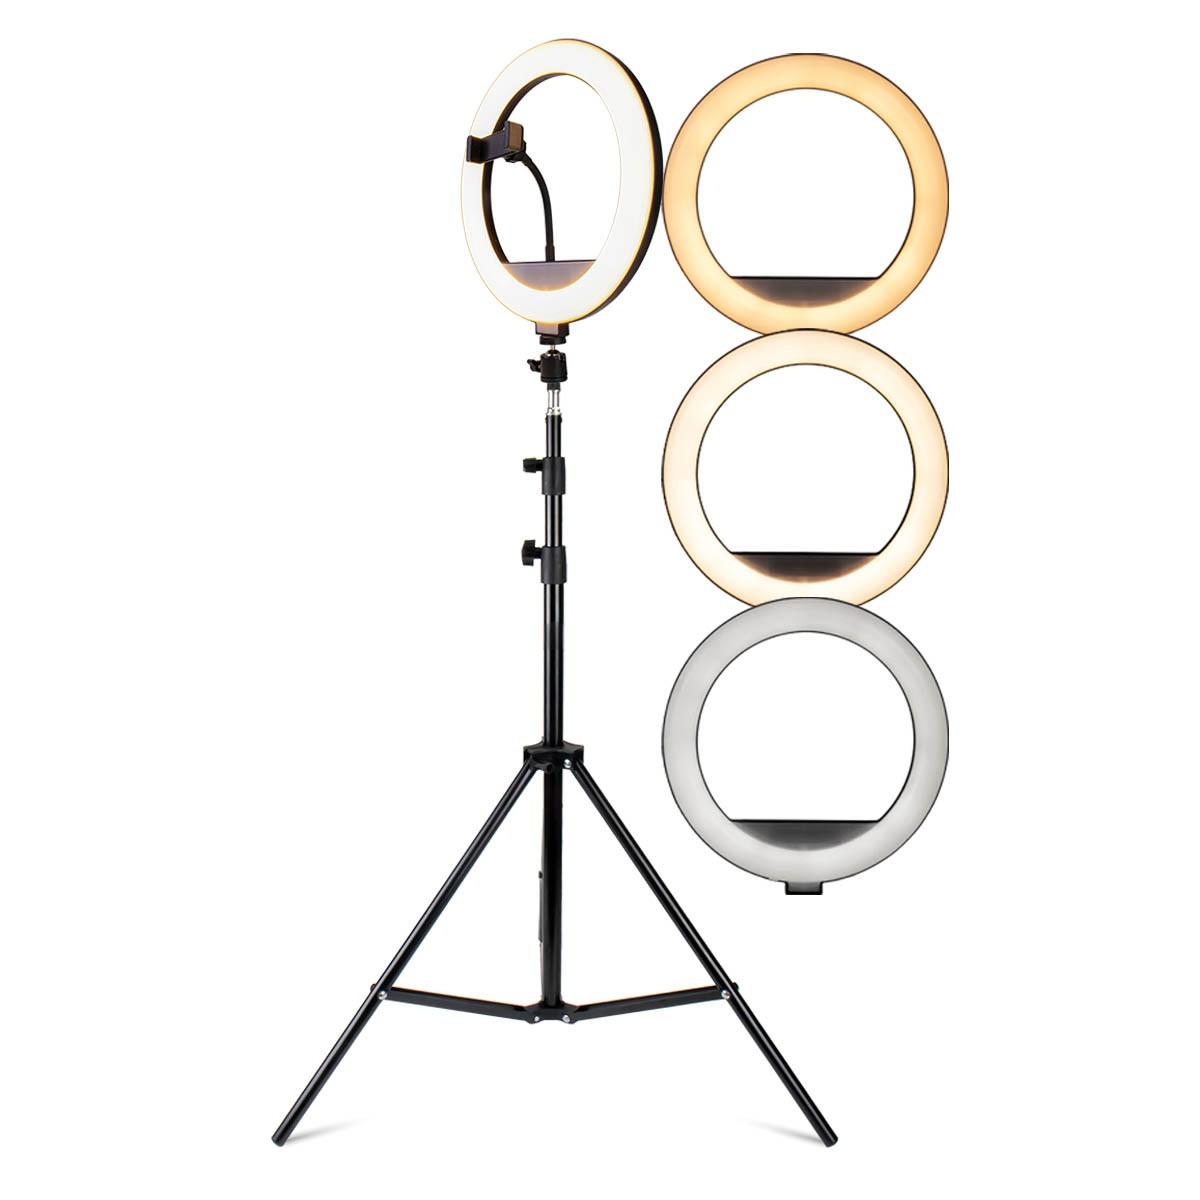 Kit Iluminador Ring Light 12 Polegadas LED Dimerizável com Ajuste de Intensidade e Suporte de Celular + Tripé de 2,10 metros